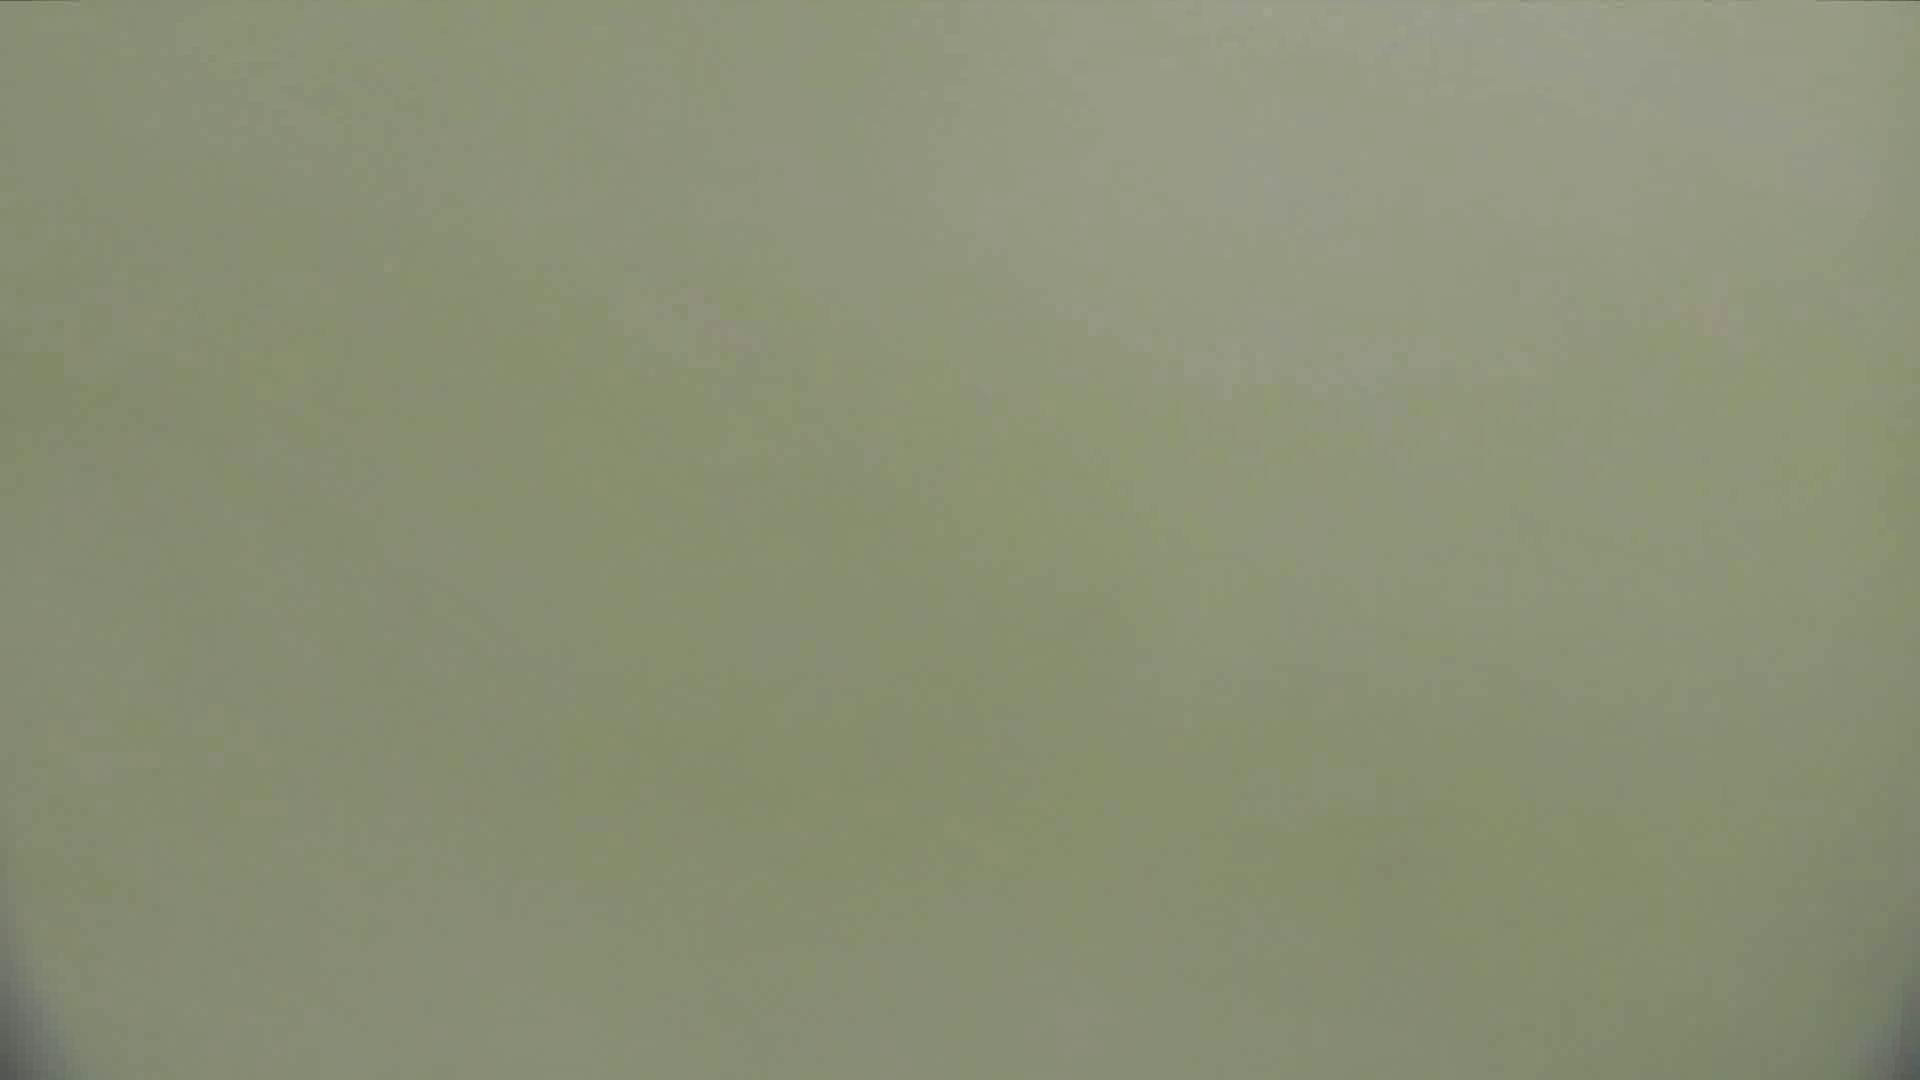 【美しき個室な世界】 vol.021 めがねっこ 色っぽいOL達   洗面所  100pic 77